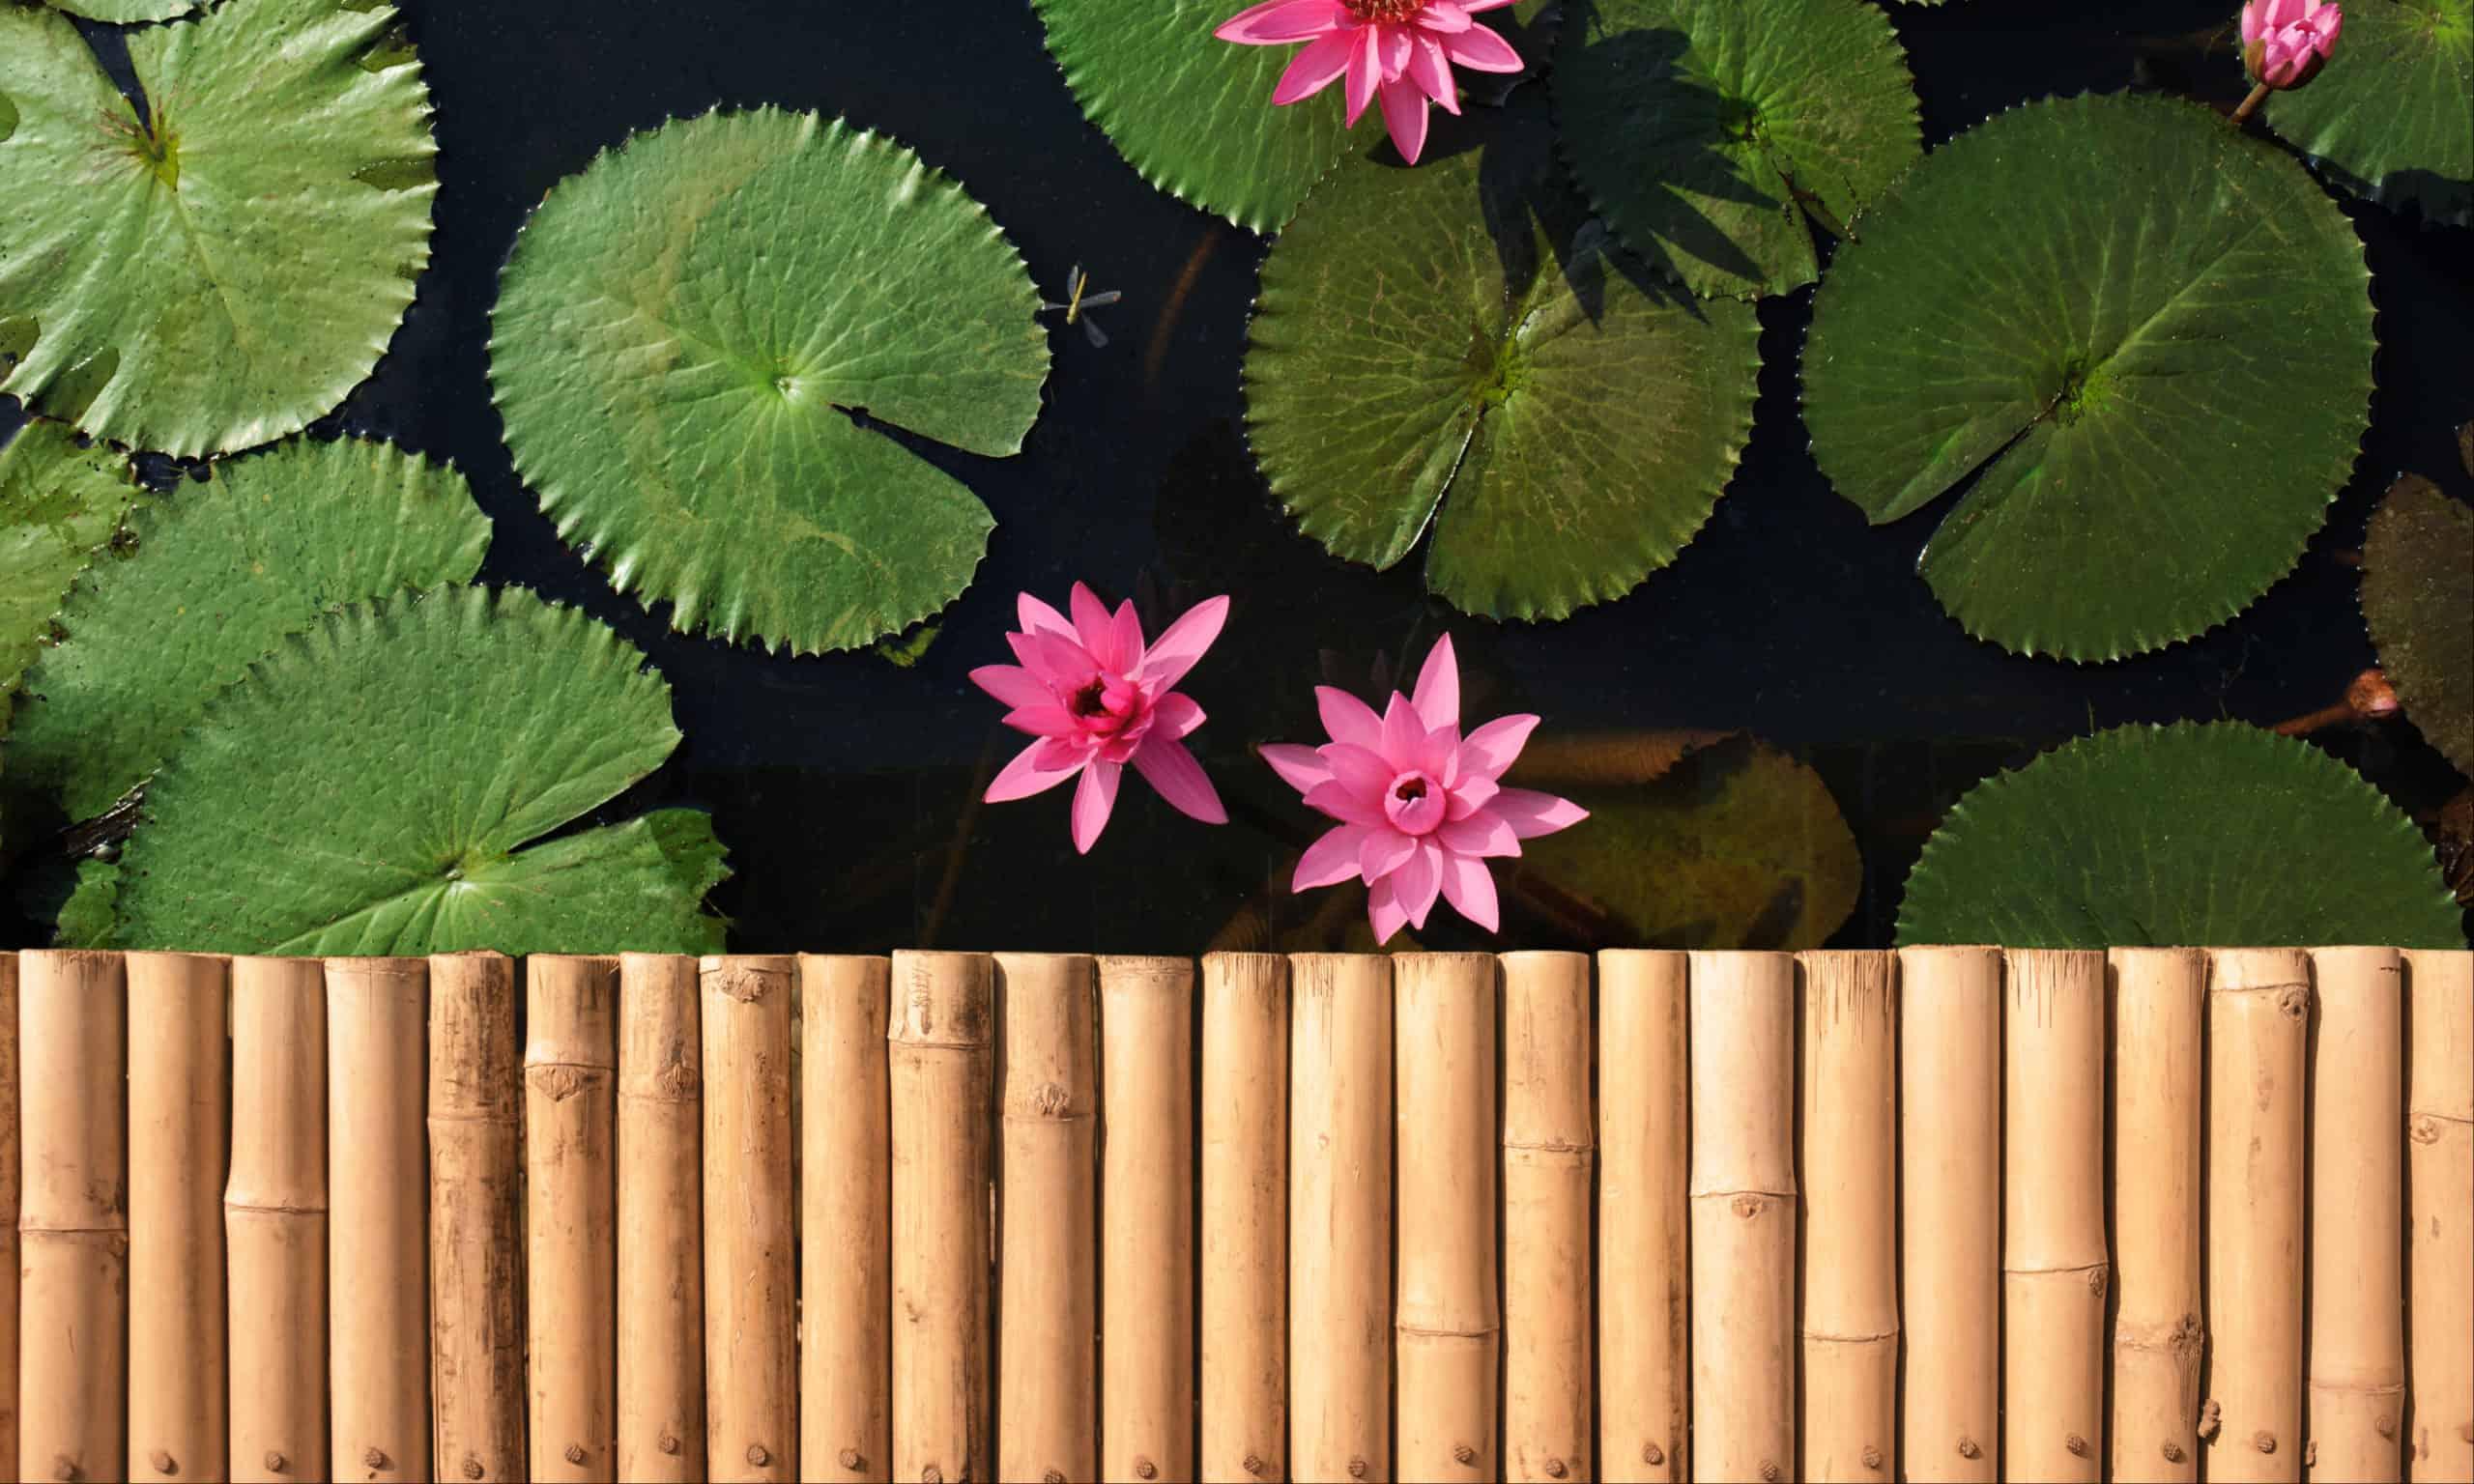 Bamboo countertop material